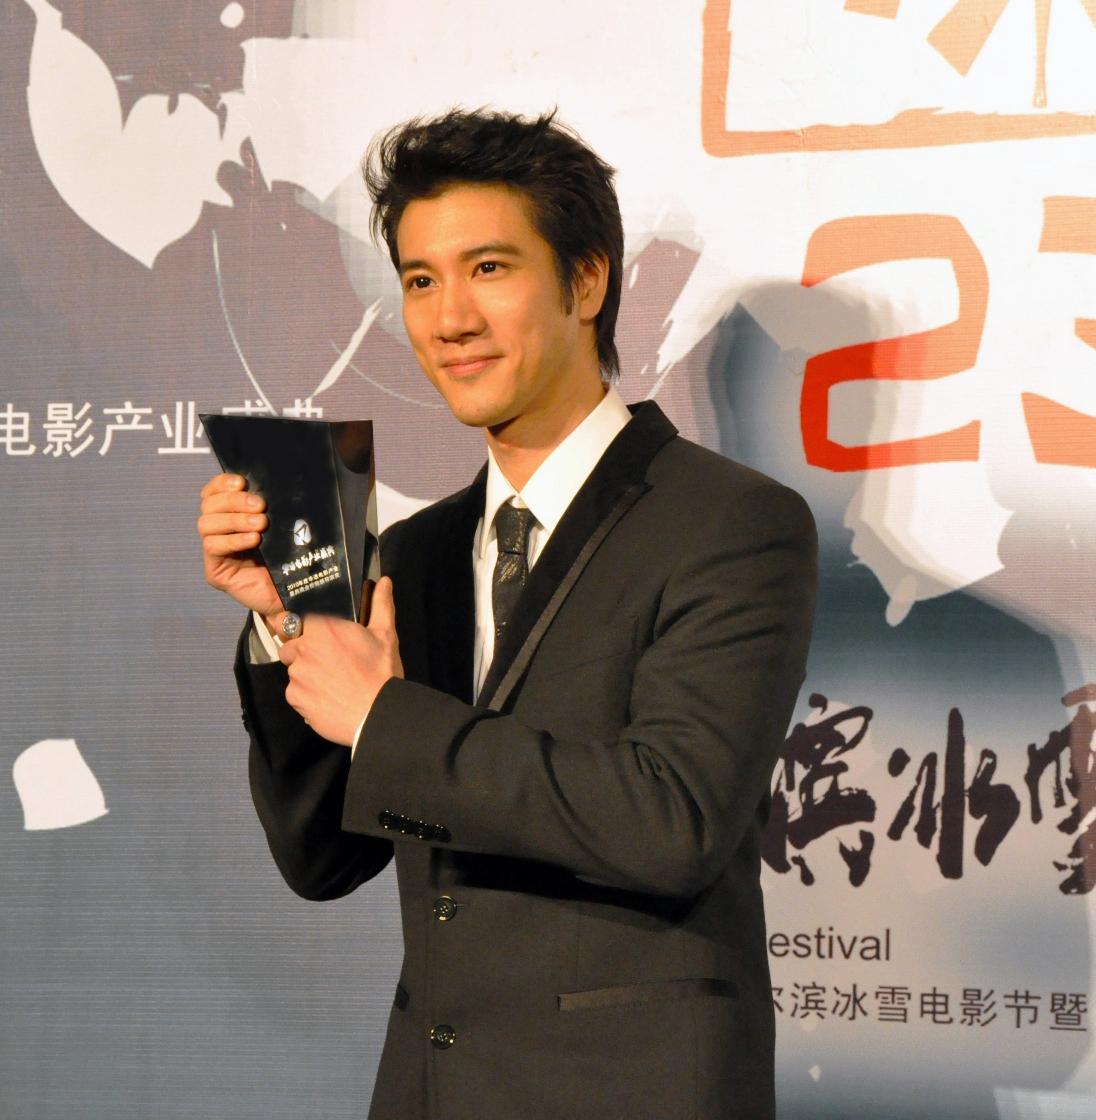 王力宏 - 維基百科,自由的百科全書